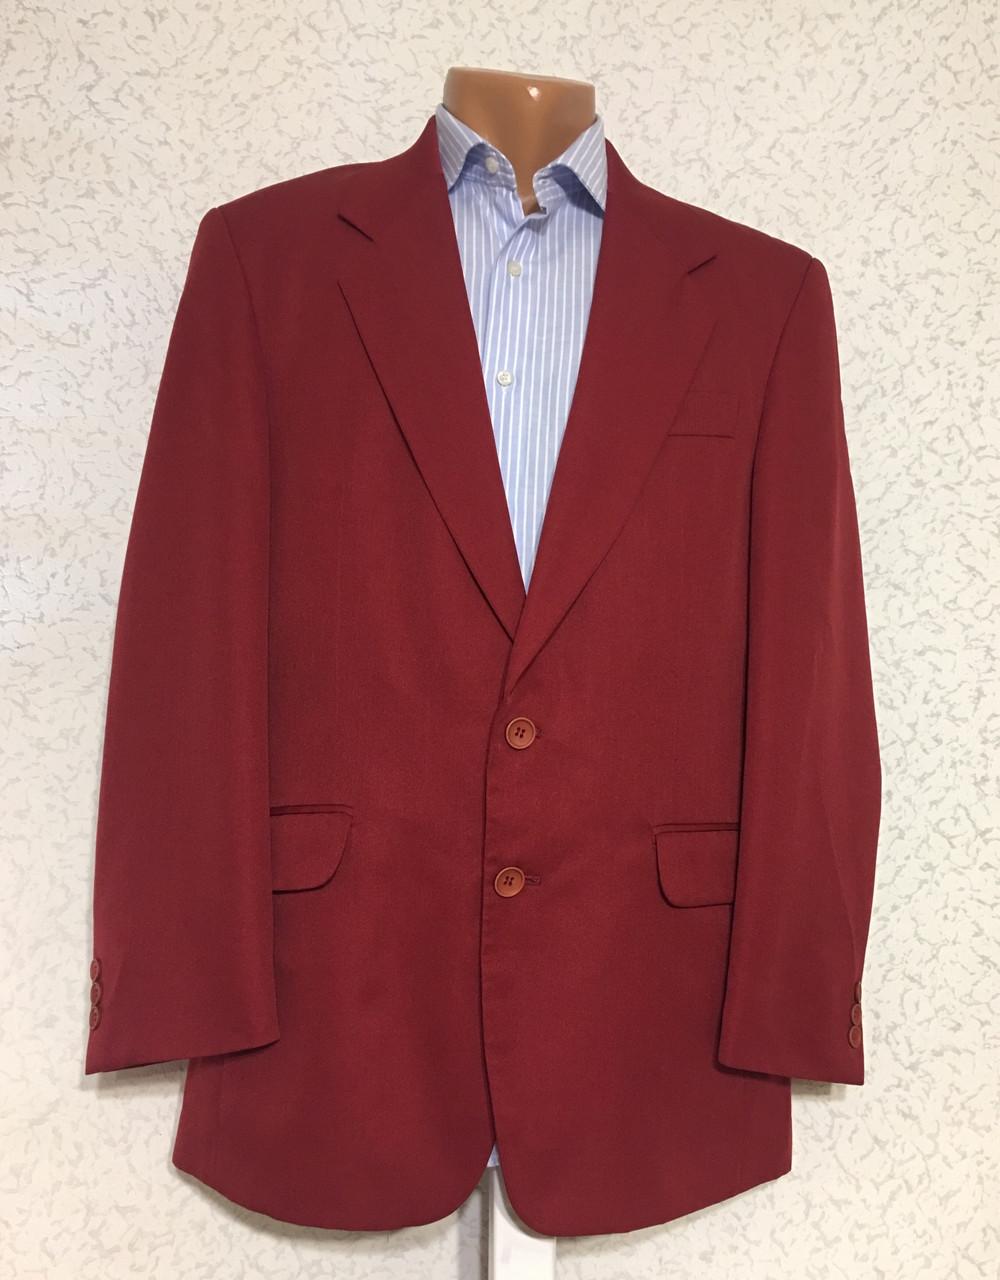 Пиджак Berto Lucci - 46 размер